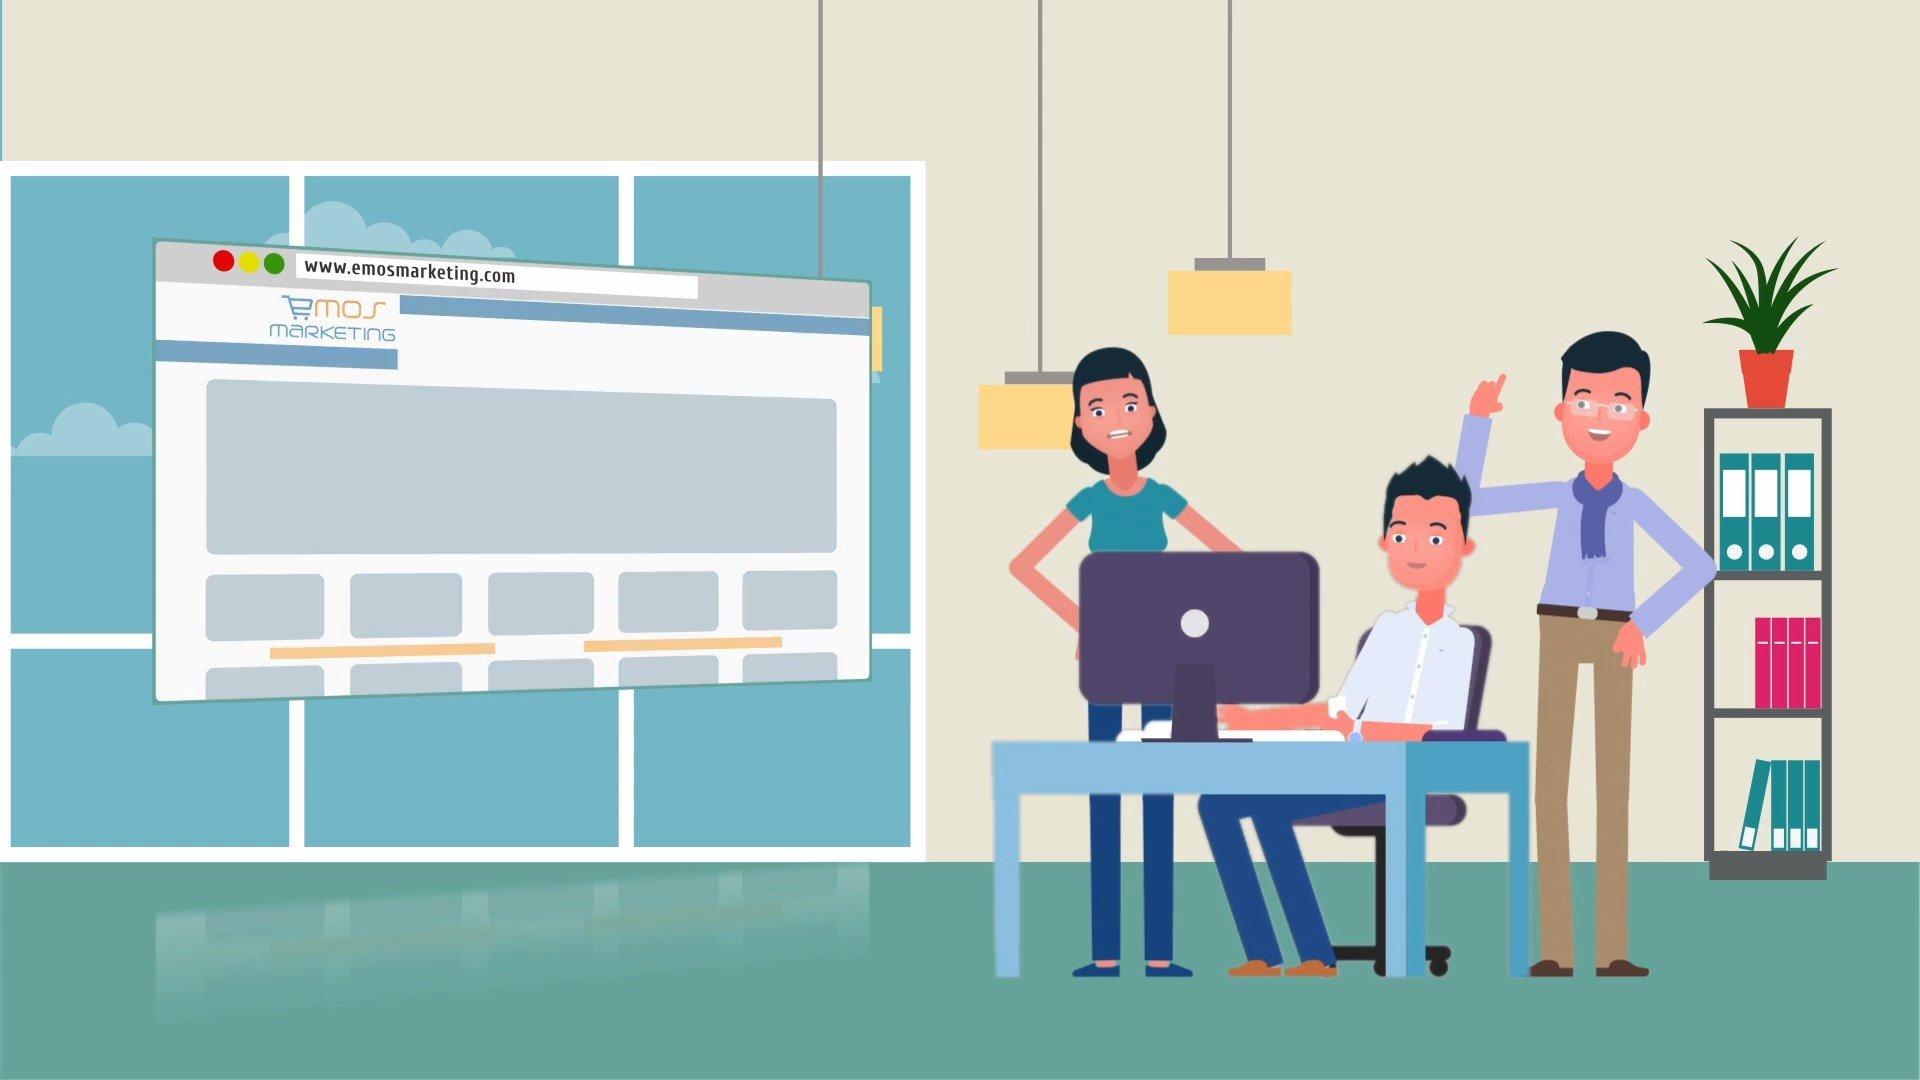 Emosmarketing.com Tanıtım Filmi 8 1920x1080 - Emosmarketing.com Animasyon Tanıtım Filmi